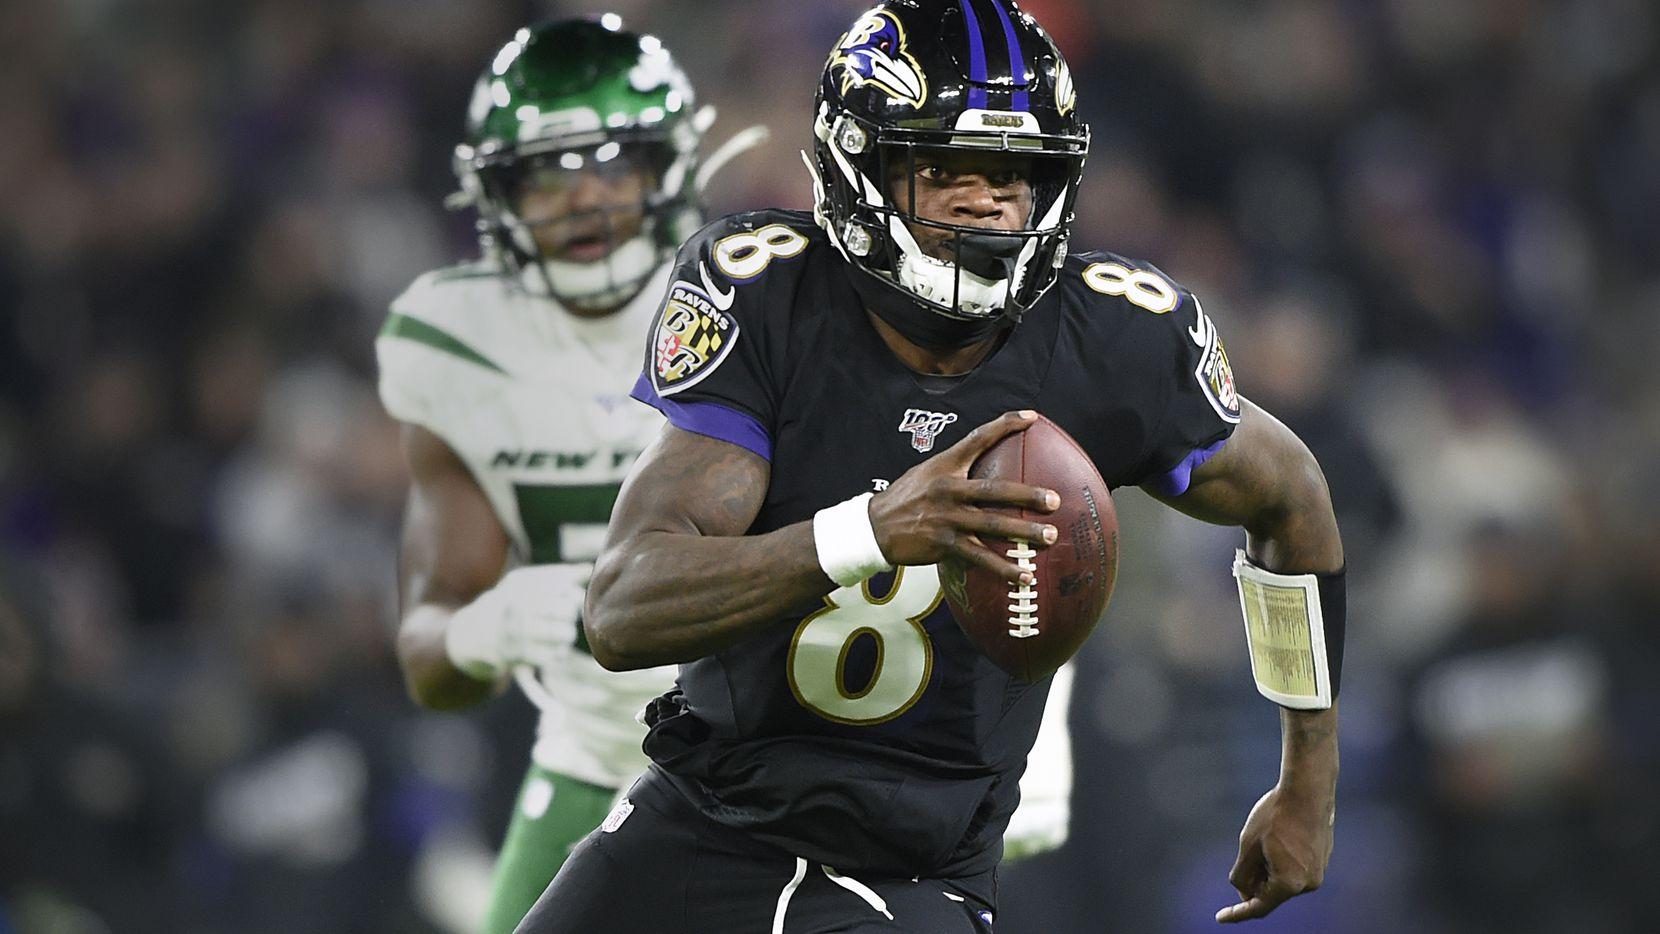 ARCHIVO - En esta foto del 12 de diciembre de 2019, el quarterback Lamar Jackson (8) de los Ravens de Baltimore corre con el balón y se aleja del linebacker Brandon Copeland (51) de los Jets de Nueva York. (AP Foto/Gail Burton, File)